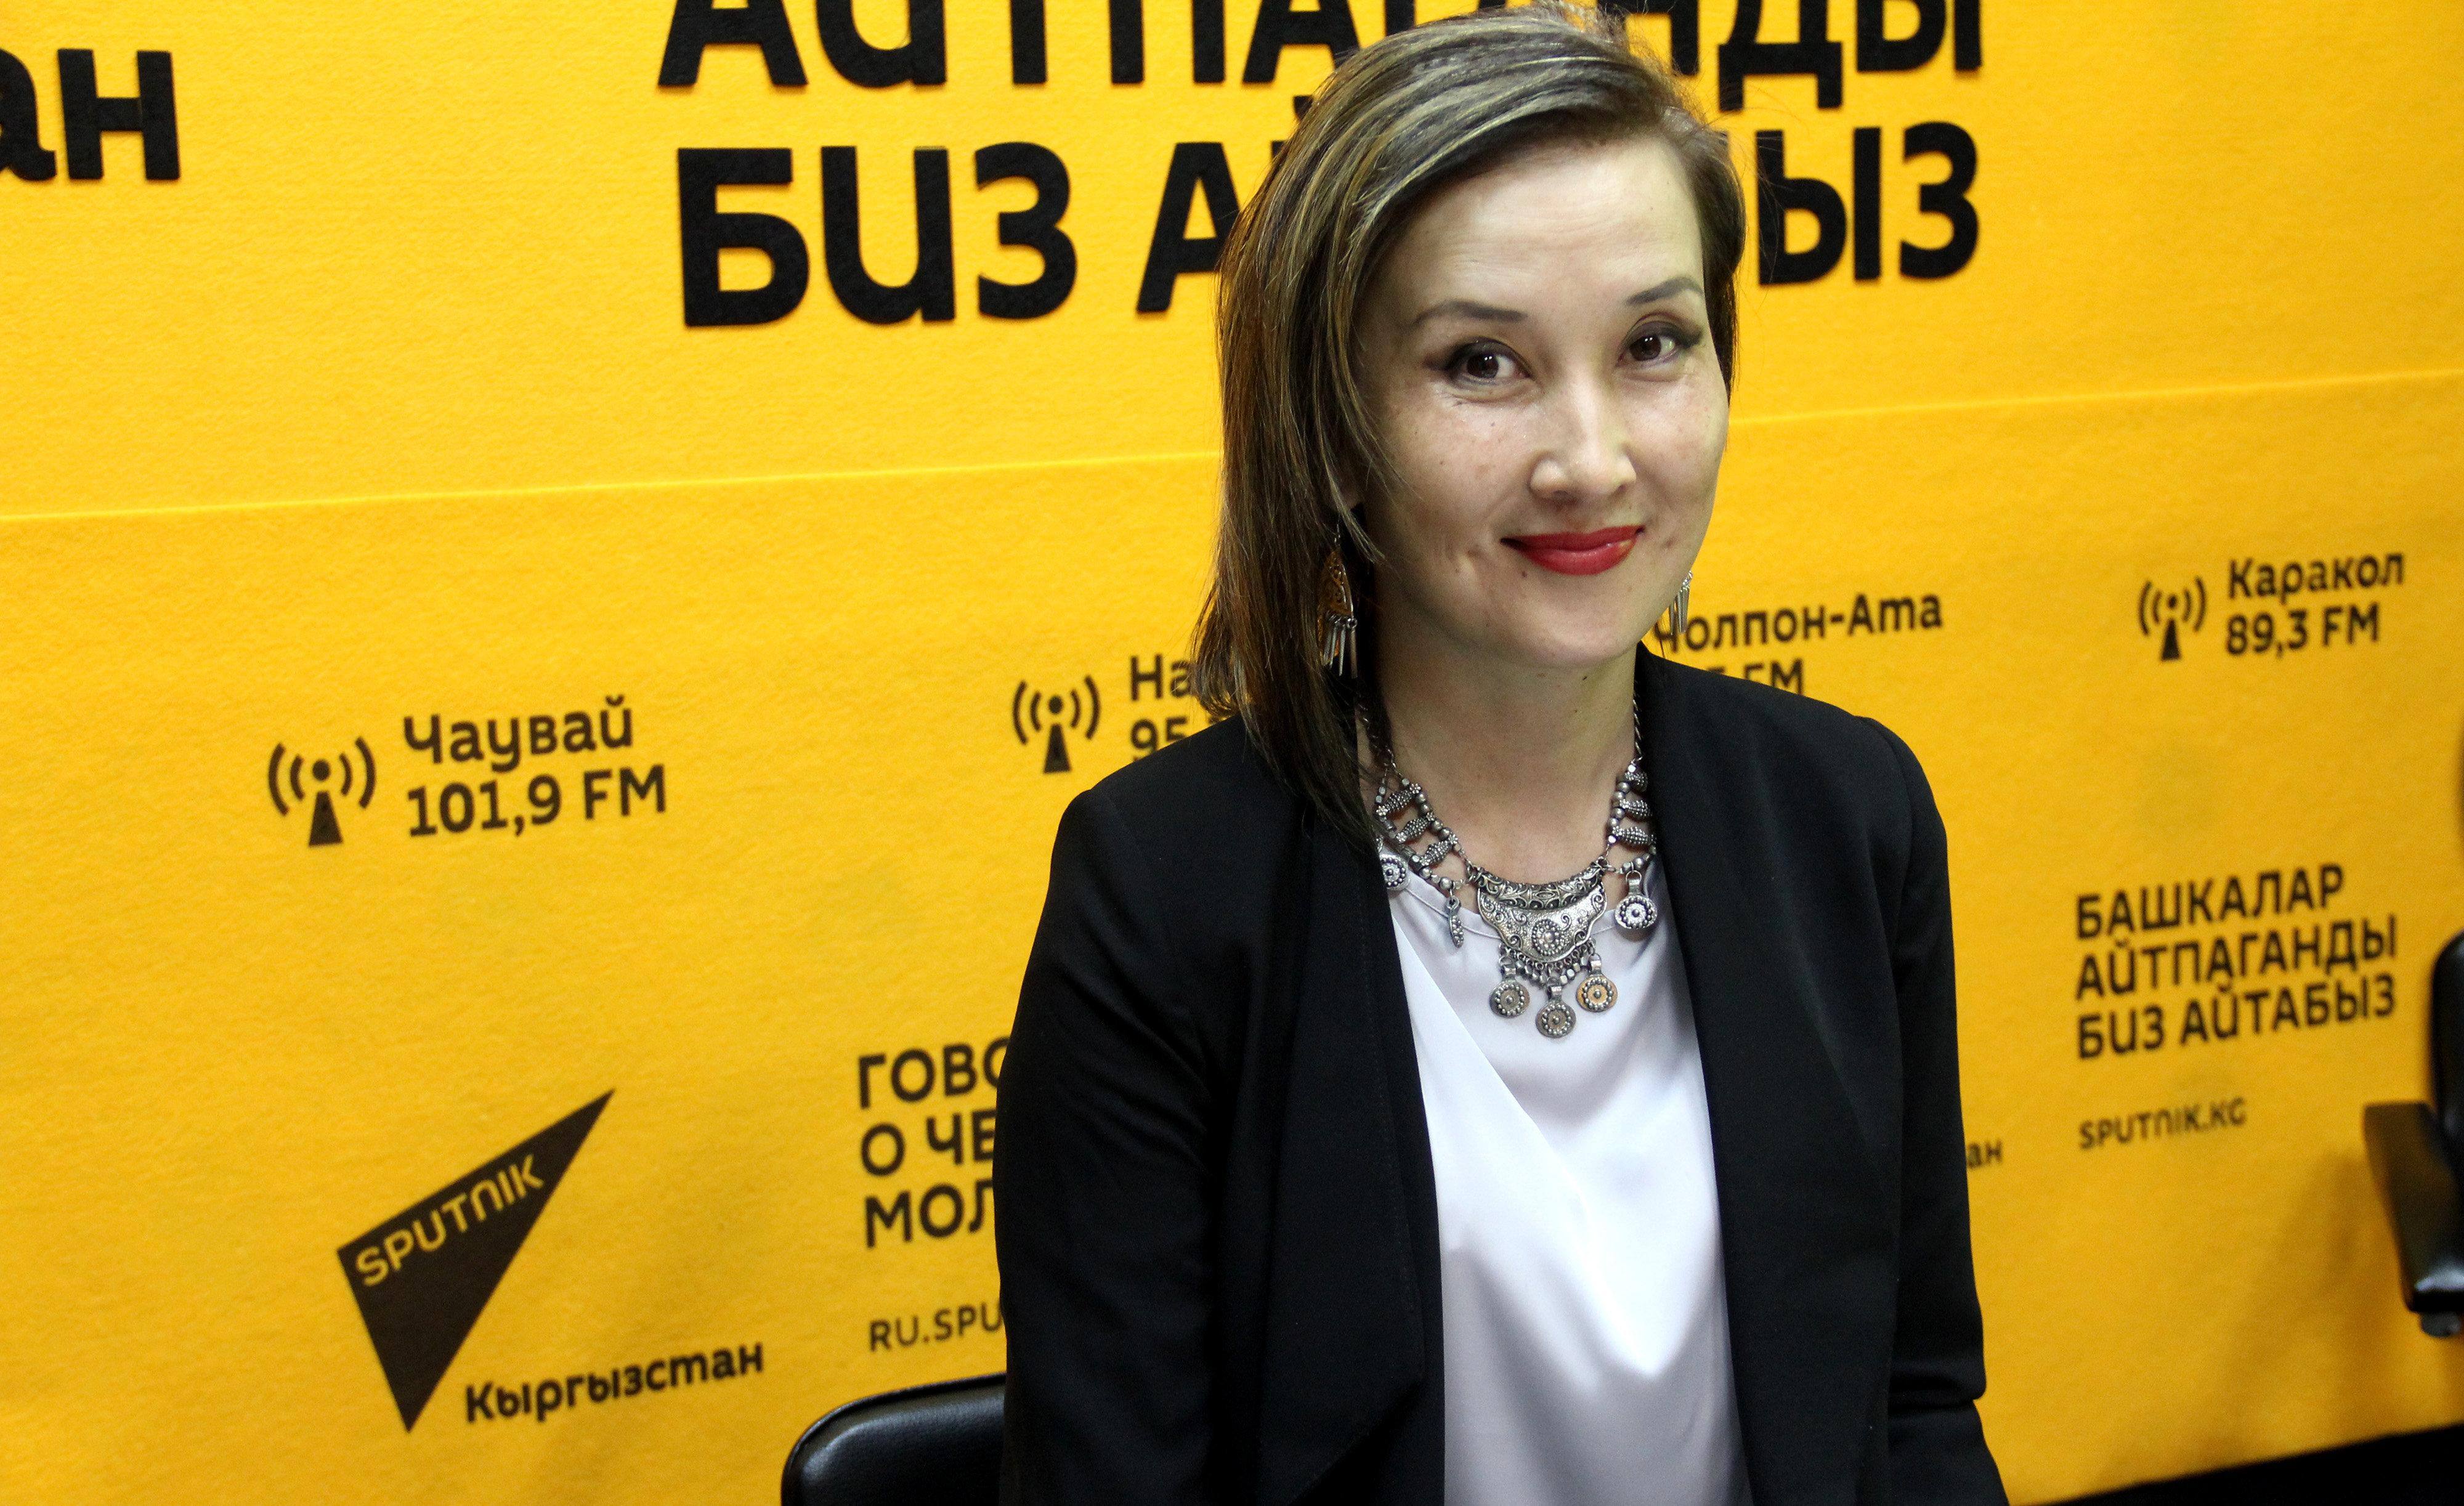 Пресс-секретарь ОАО Электрические станции Тагжана Айдаралиева в мультимедийном центре Sputnik Кыргызстан